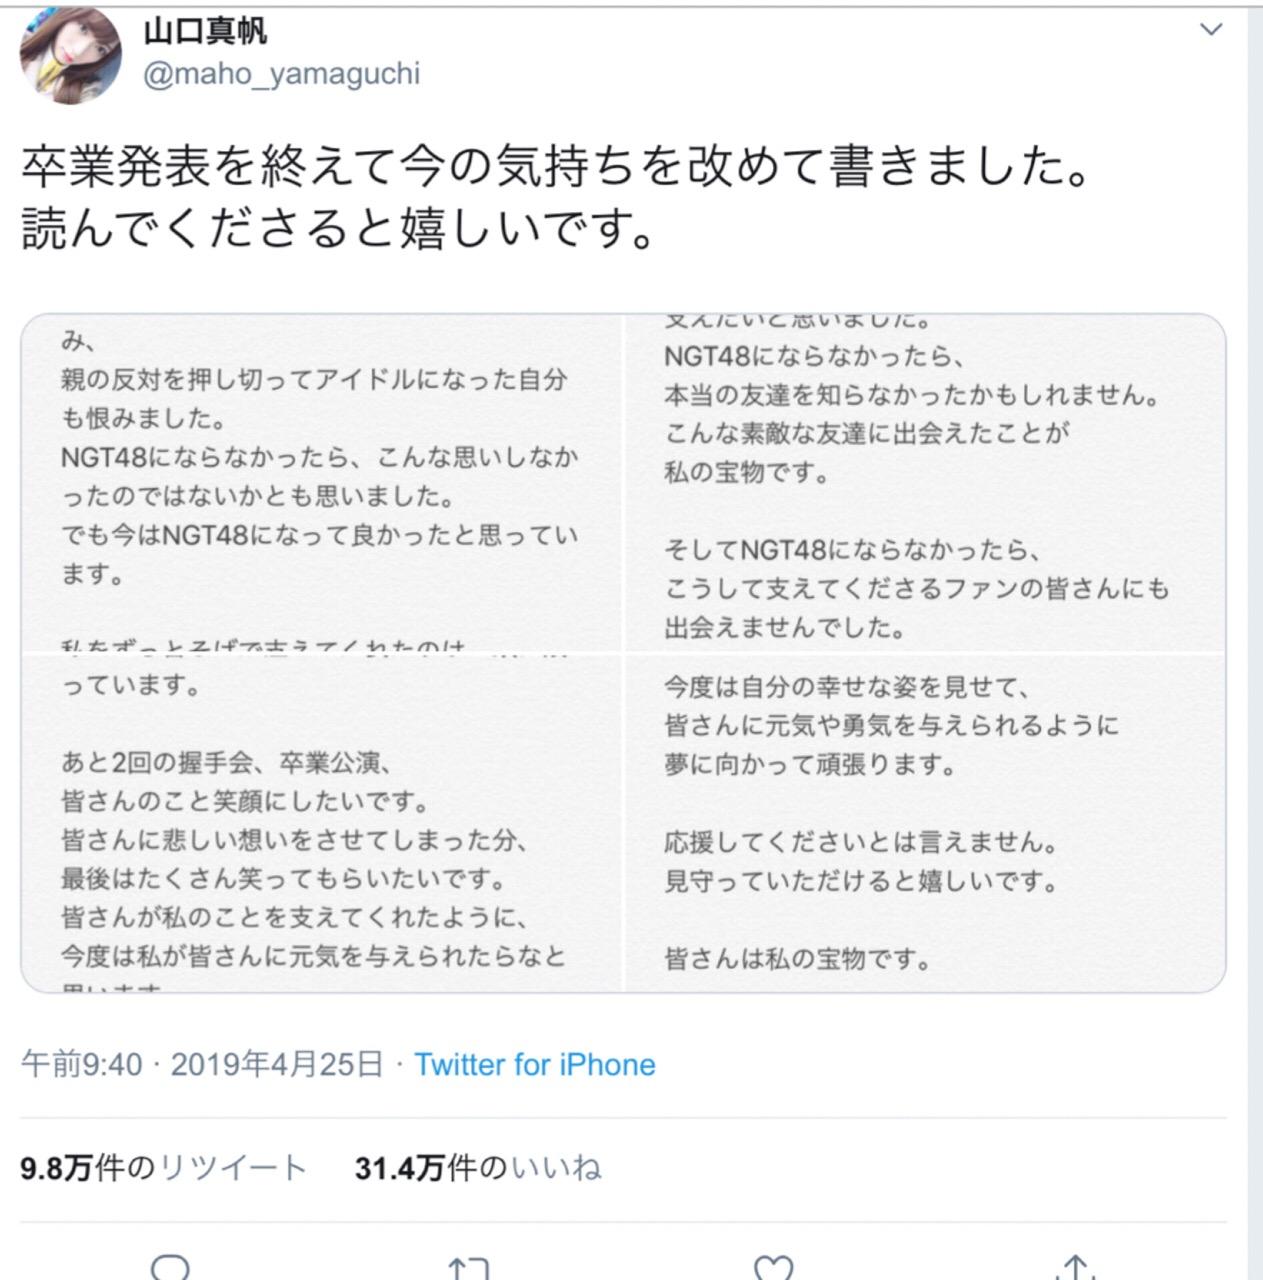 山口真帆 ツイッター イラスト